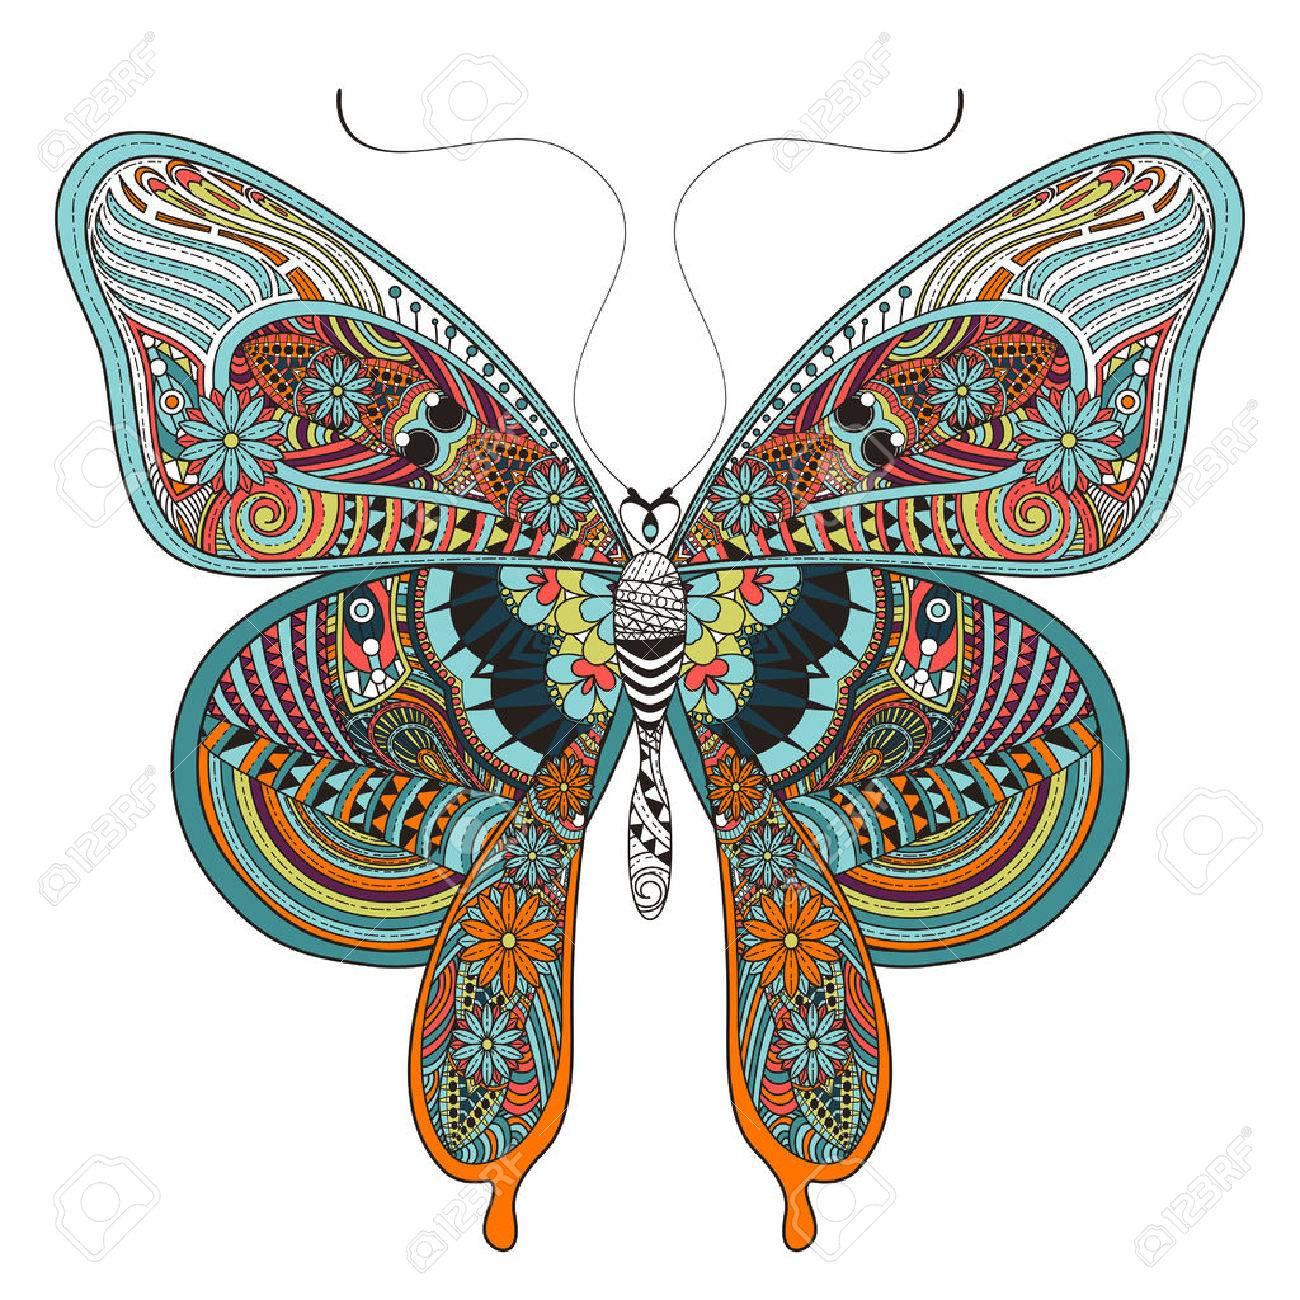 Hermosa Página Para Colorear Mariposa En Un Estilo Exquisito